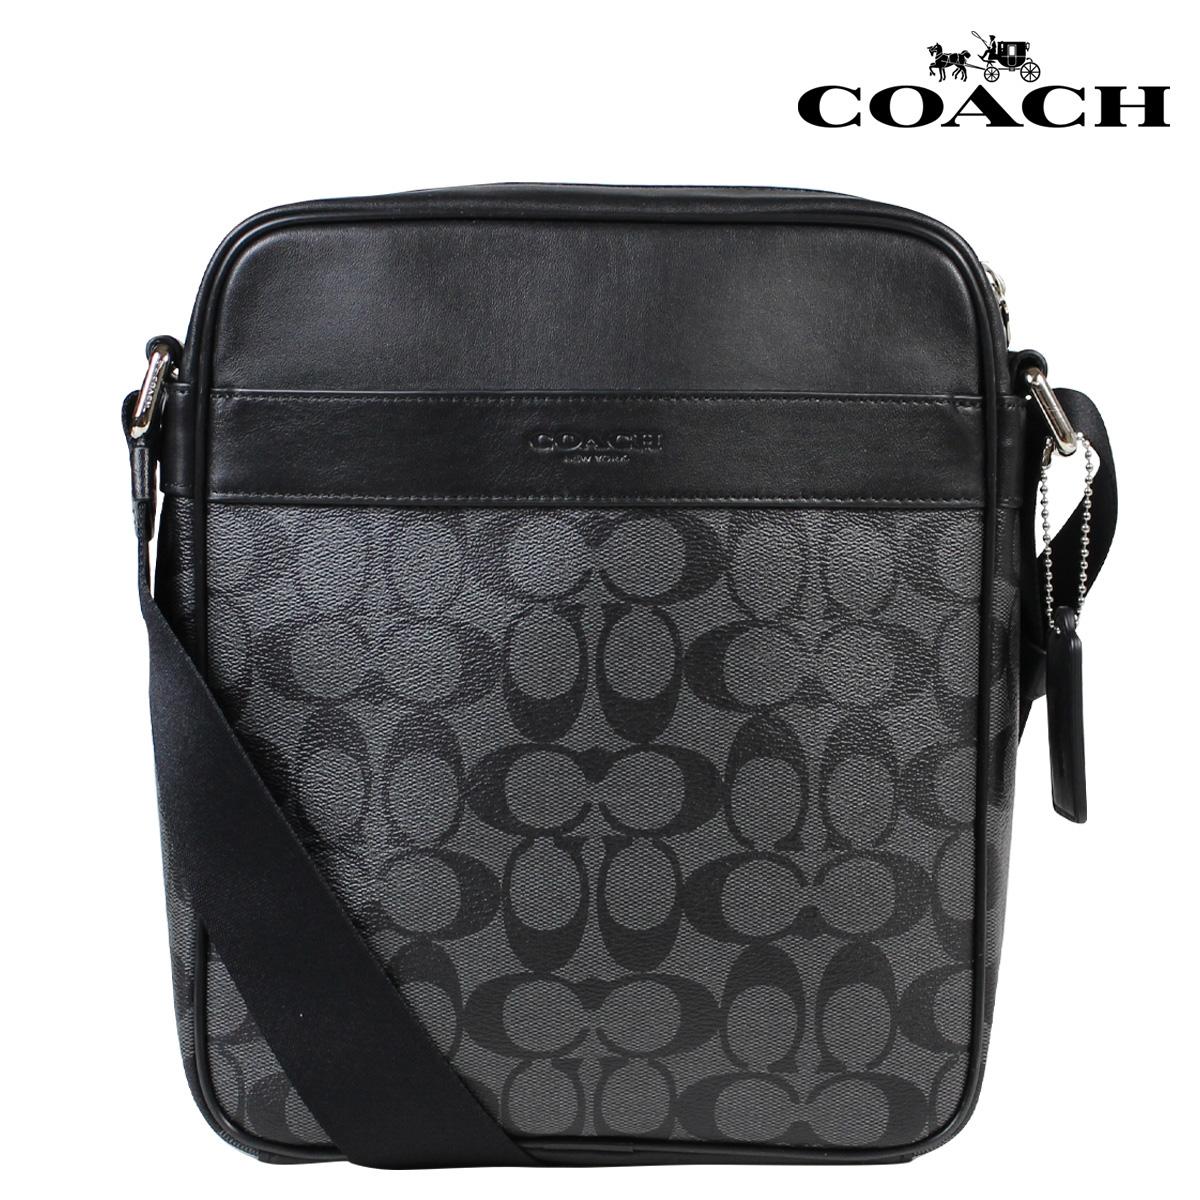 COACH コーチ メンズ バッグ ショルダーバッグ F54788 チャコール×ブラック 黒